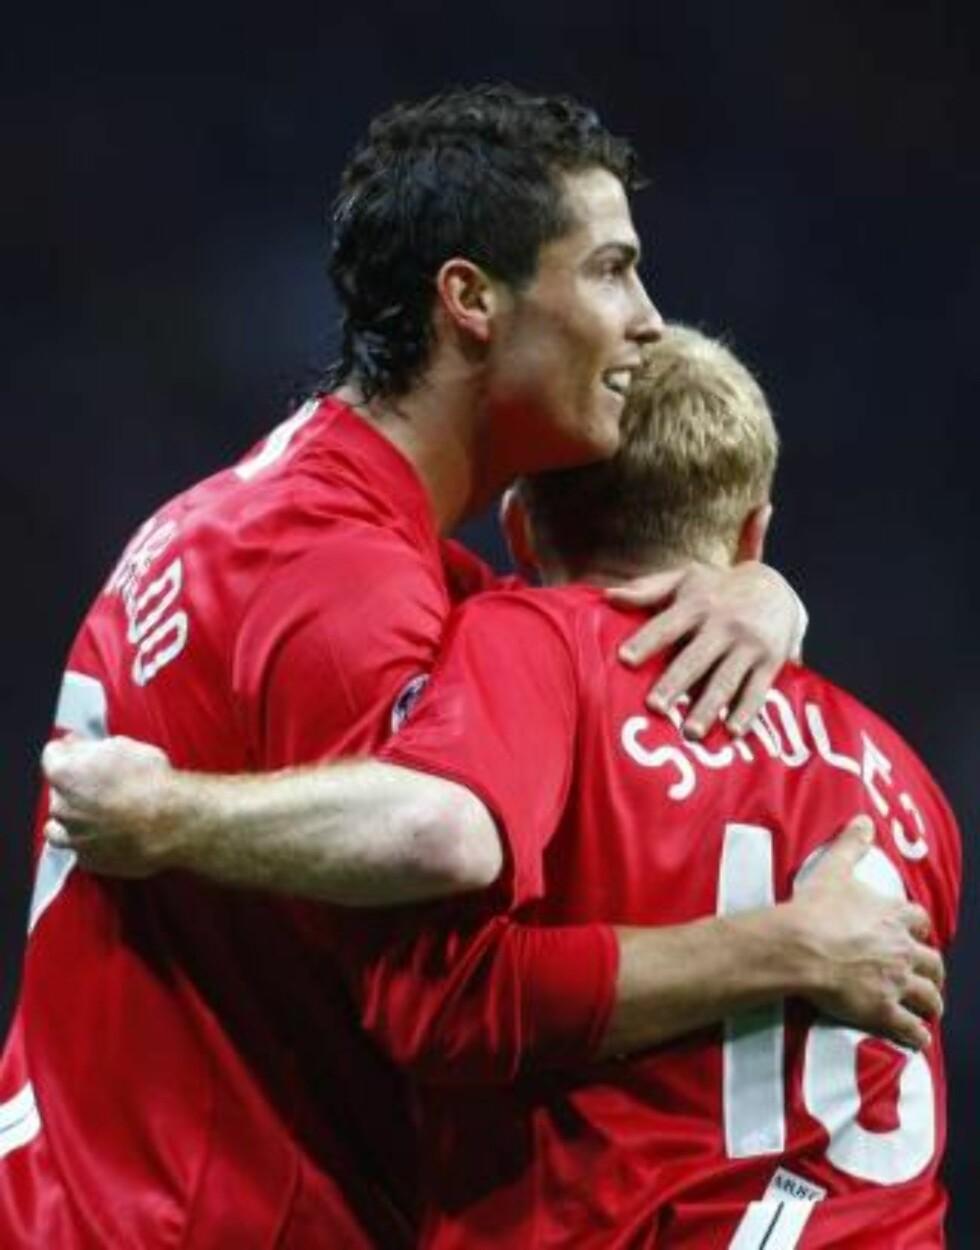 SIER TAKK FOR SIST: Asbjørn Slettemark tror Ronaldo får smake Paul Scholes knotter neste gang de møtes på banen. Foto: REUTERS/Eddie Keogh